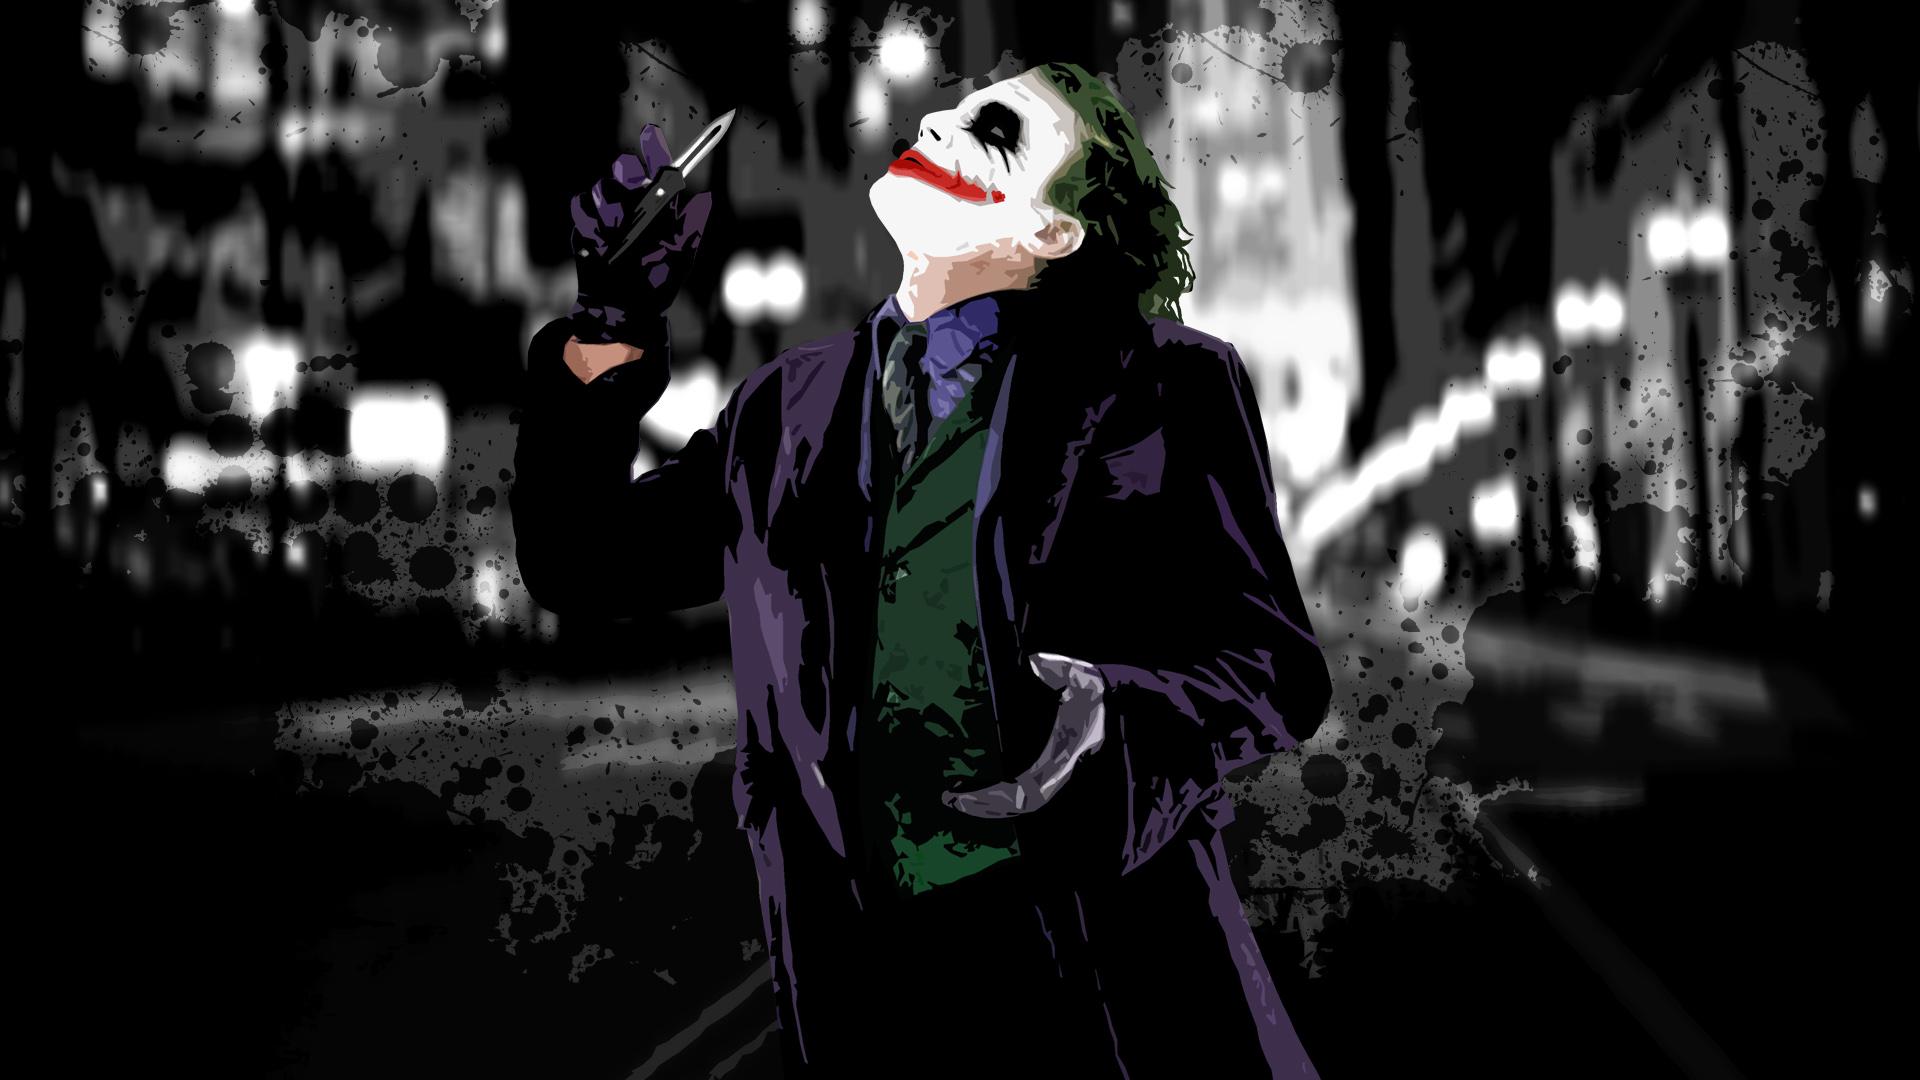 El caballero oscuro fondo de pantalla hd fondo de for Fondo de pantalla joker hd